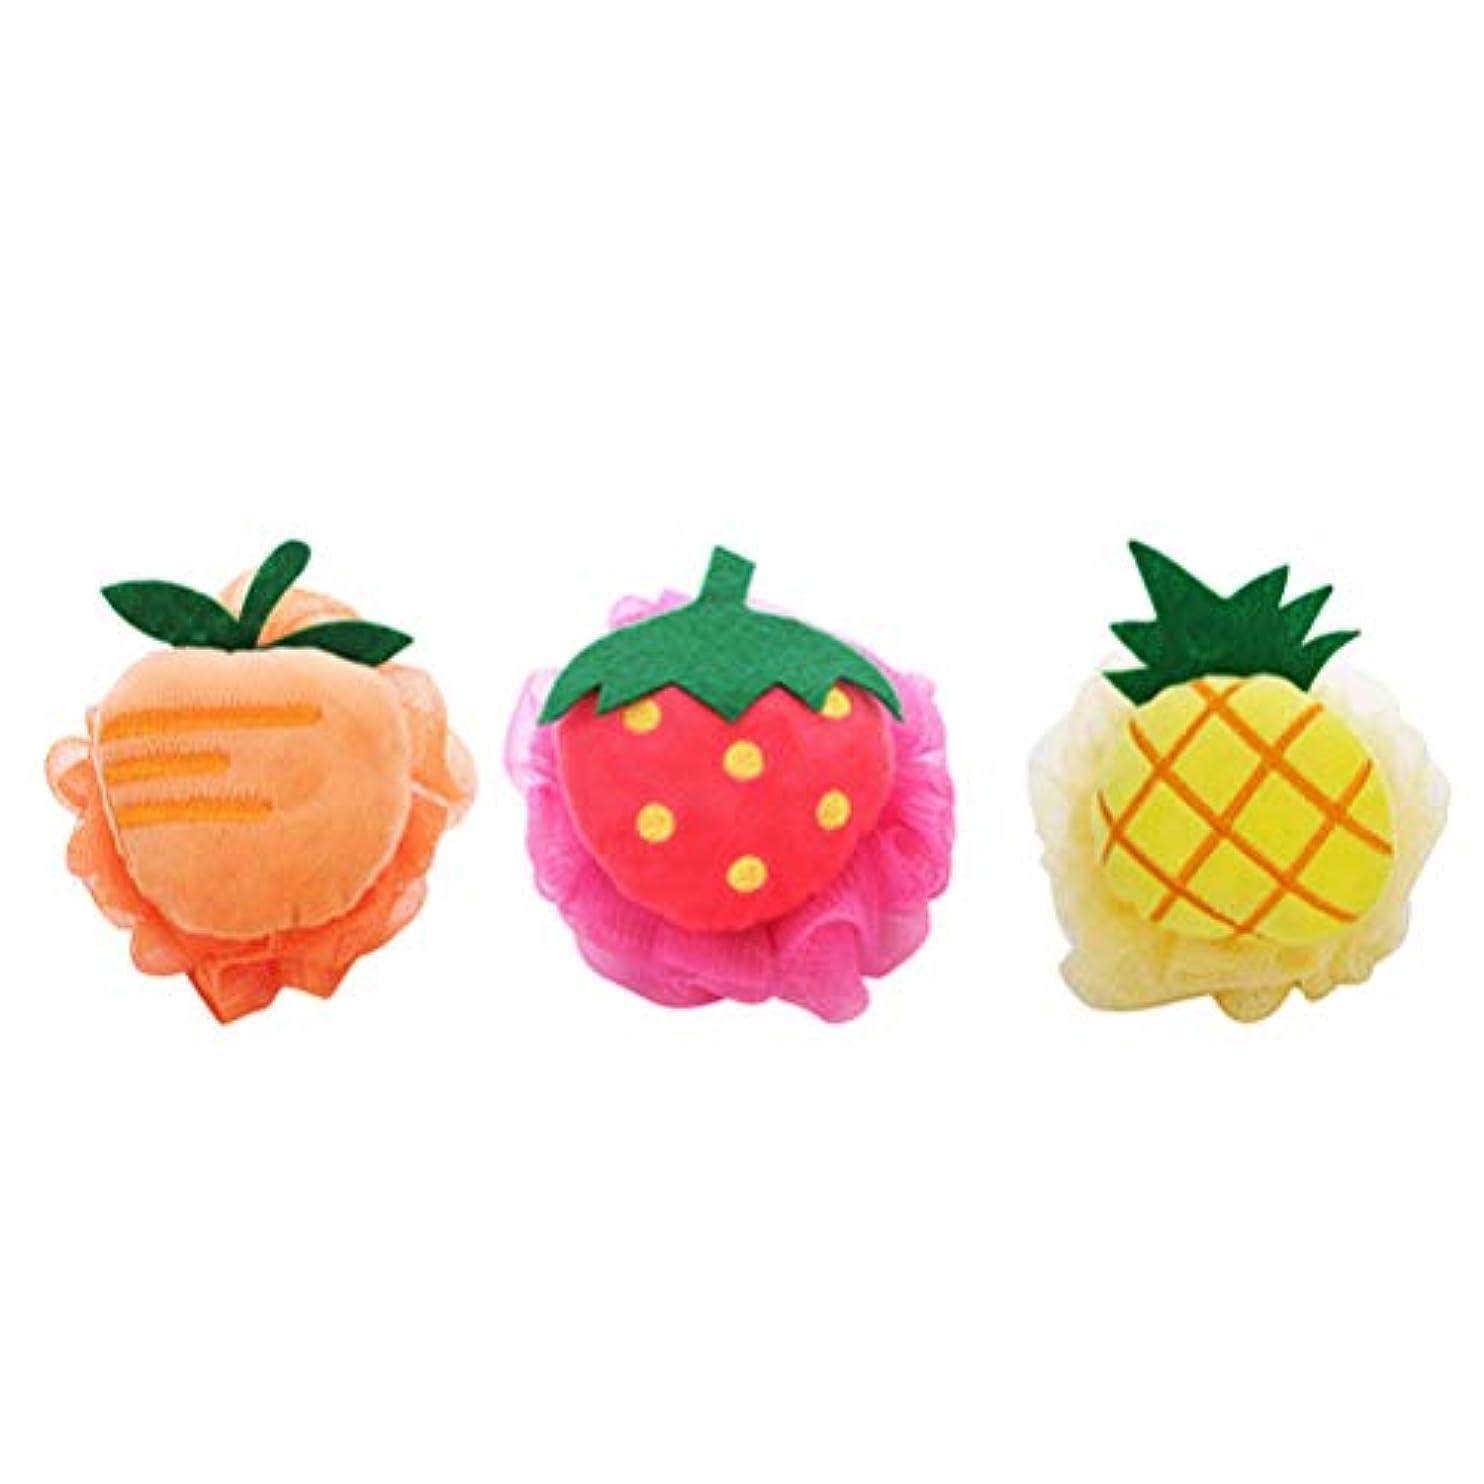 協会気怠い編集者SUPVOX 3ピース風呂シャワースポンジかわいいフルーツ形ソフトシャワーボールメッシュシャワースポンジなよなよした子供のための女性